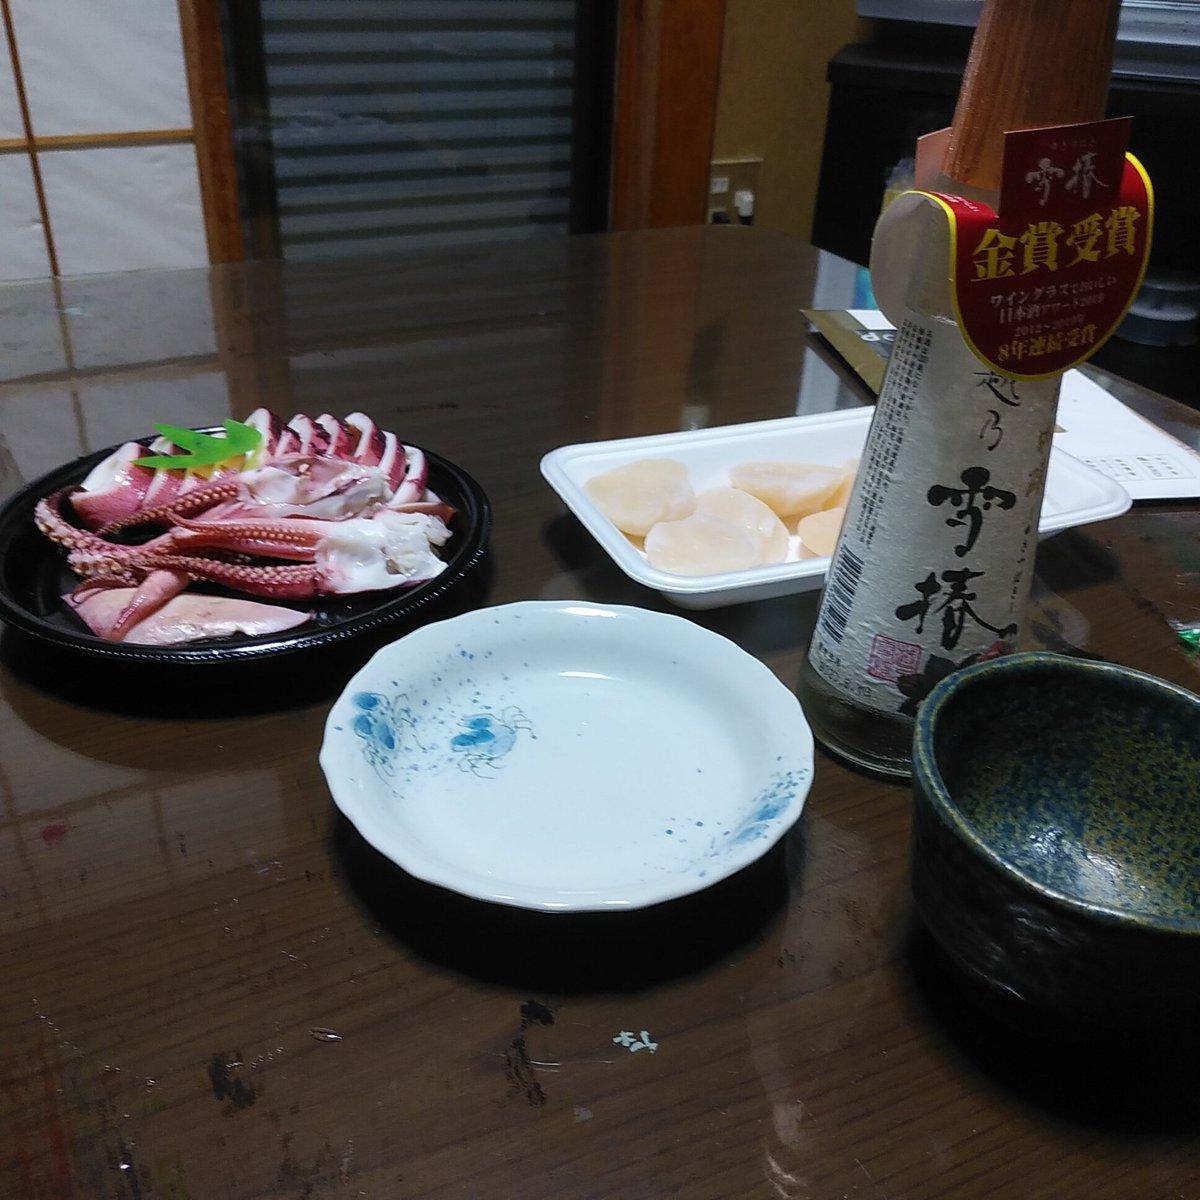 test ツイッターメディア - 今日の酒は新潟の純米吟醸越乃雪椿です。甘口と辛口の中間くらい https://t.co/PE10ejgF3p